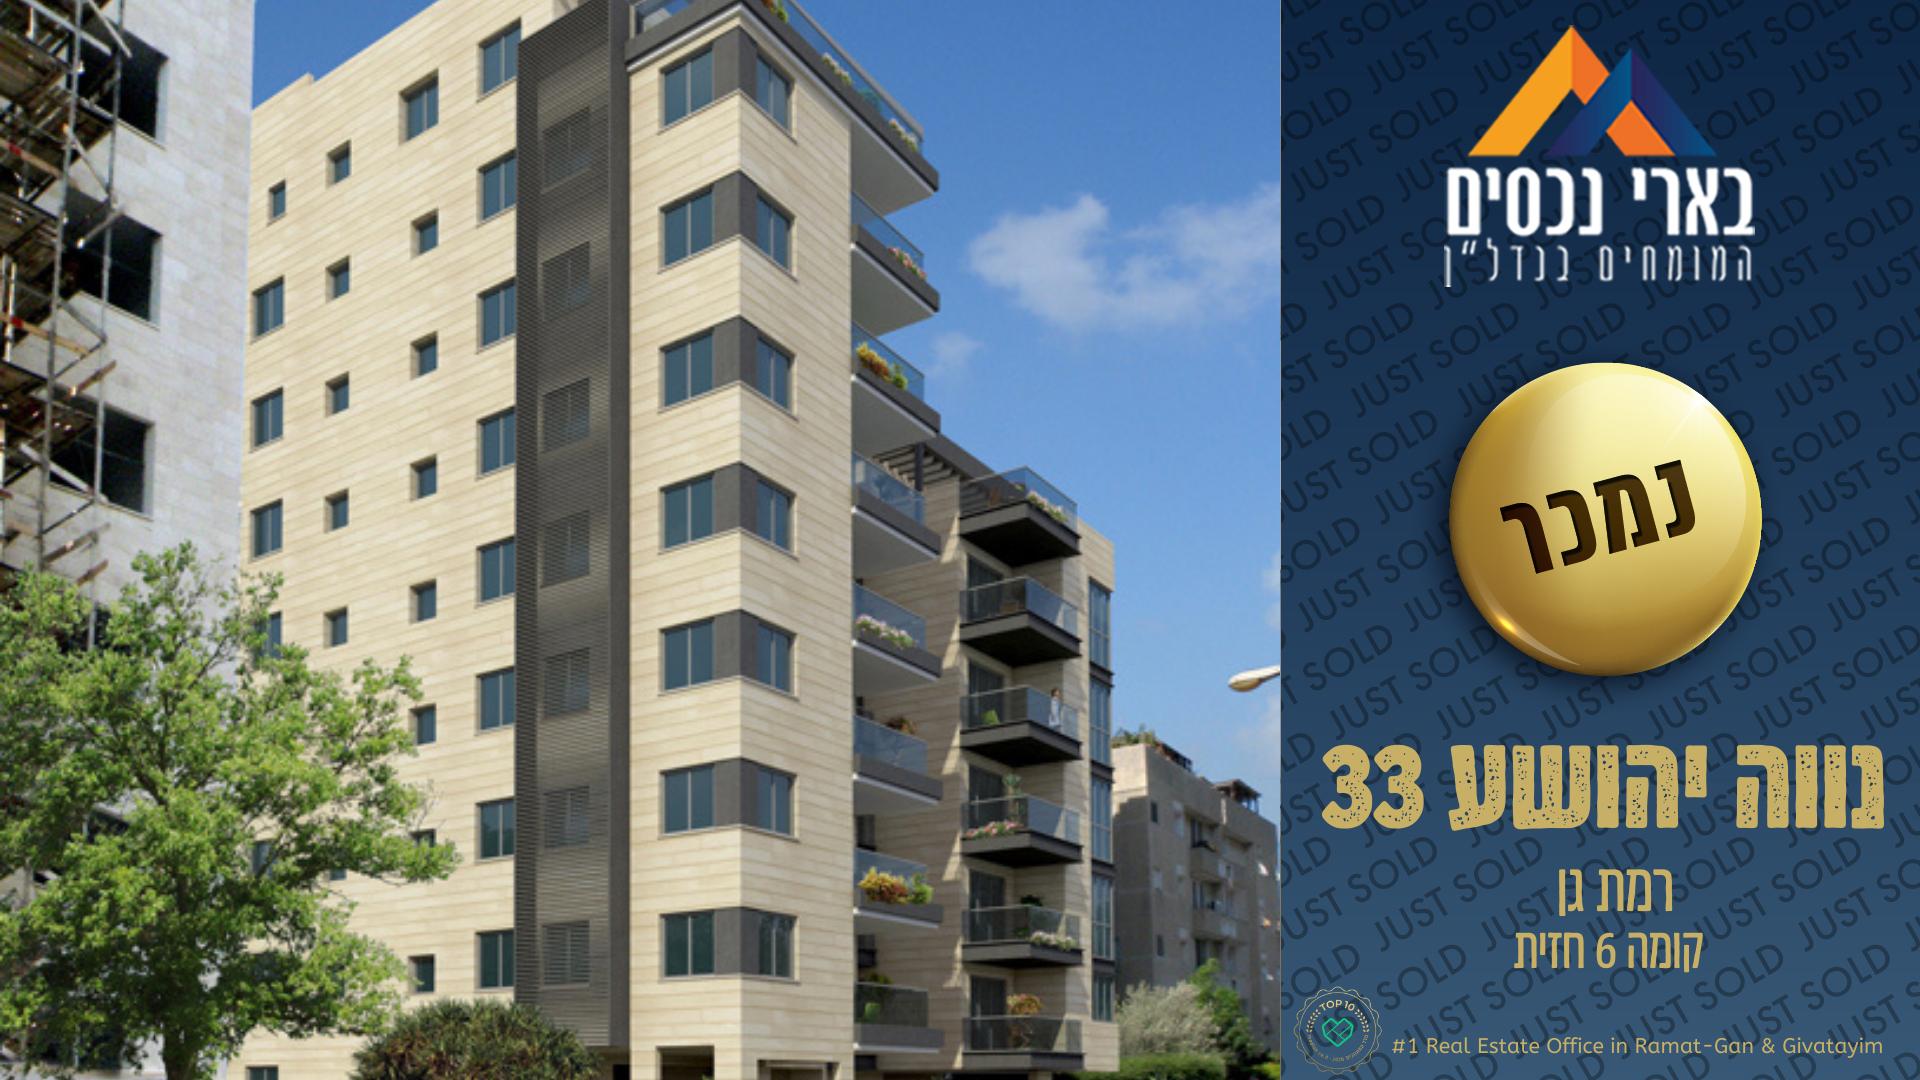 פרויקט ״נווה יהושע 33״ – דירת 4 חד׳ בקומה 6 לחזית